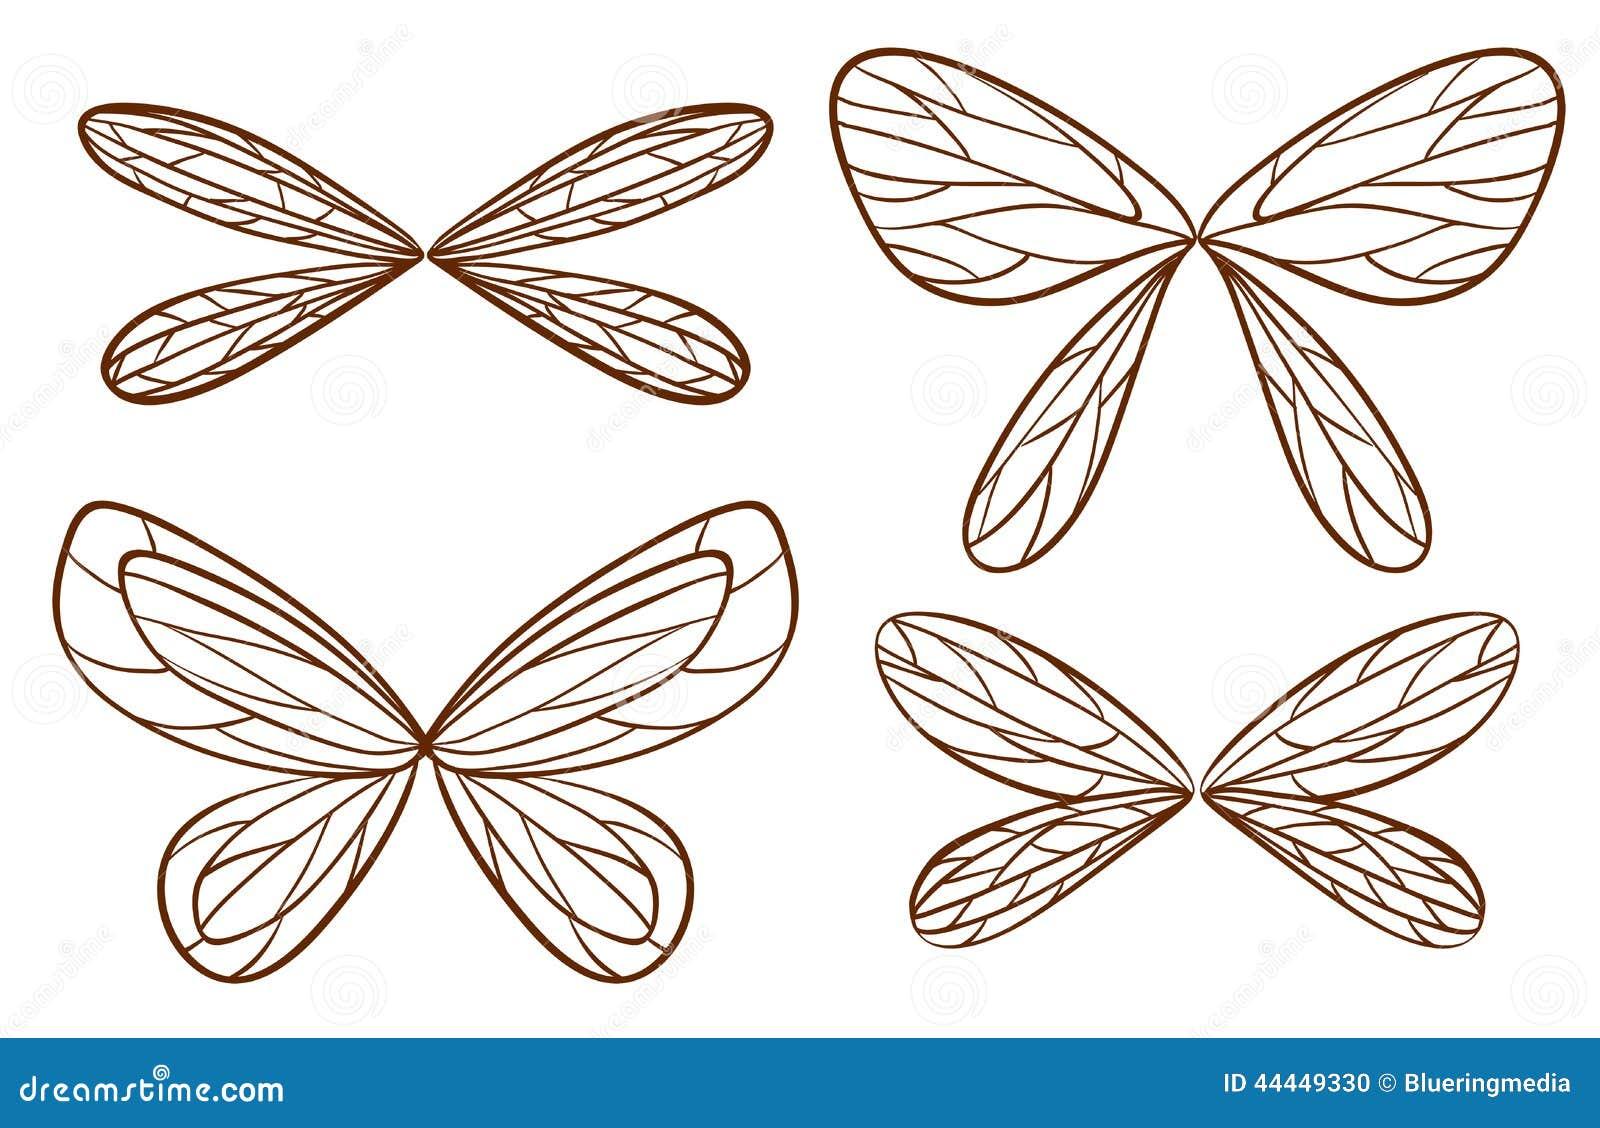 Enkelt skissar av felika vingar